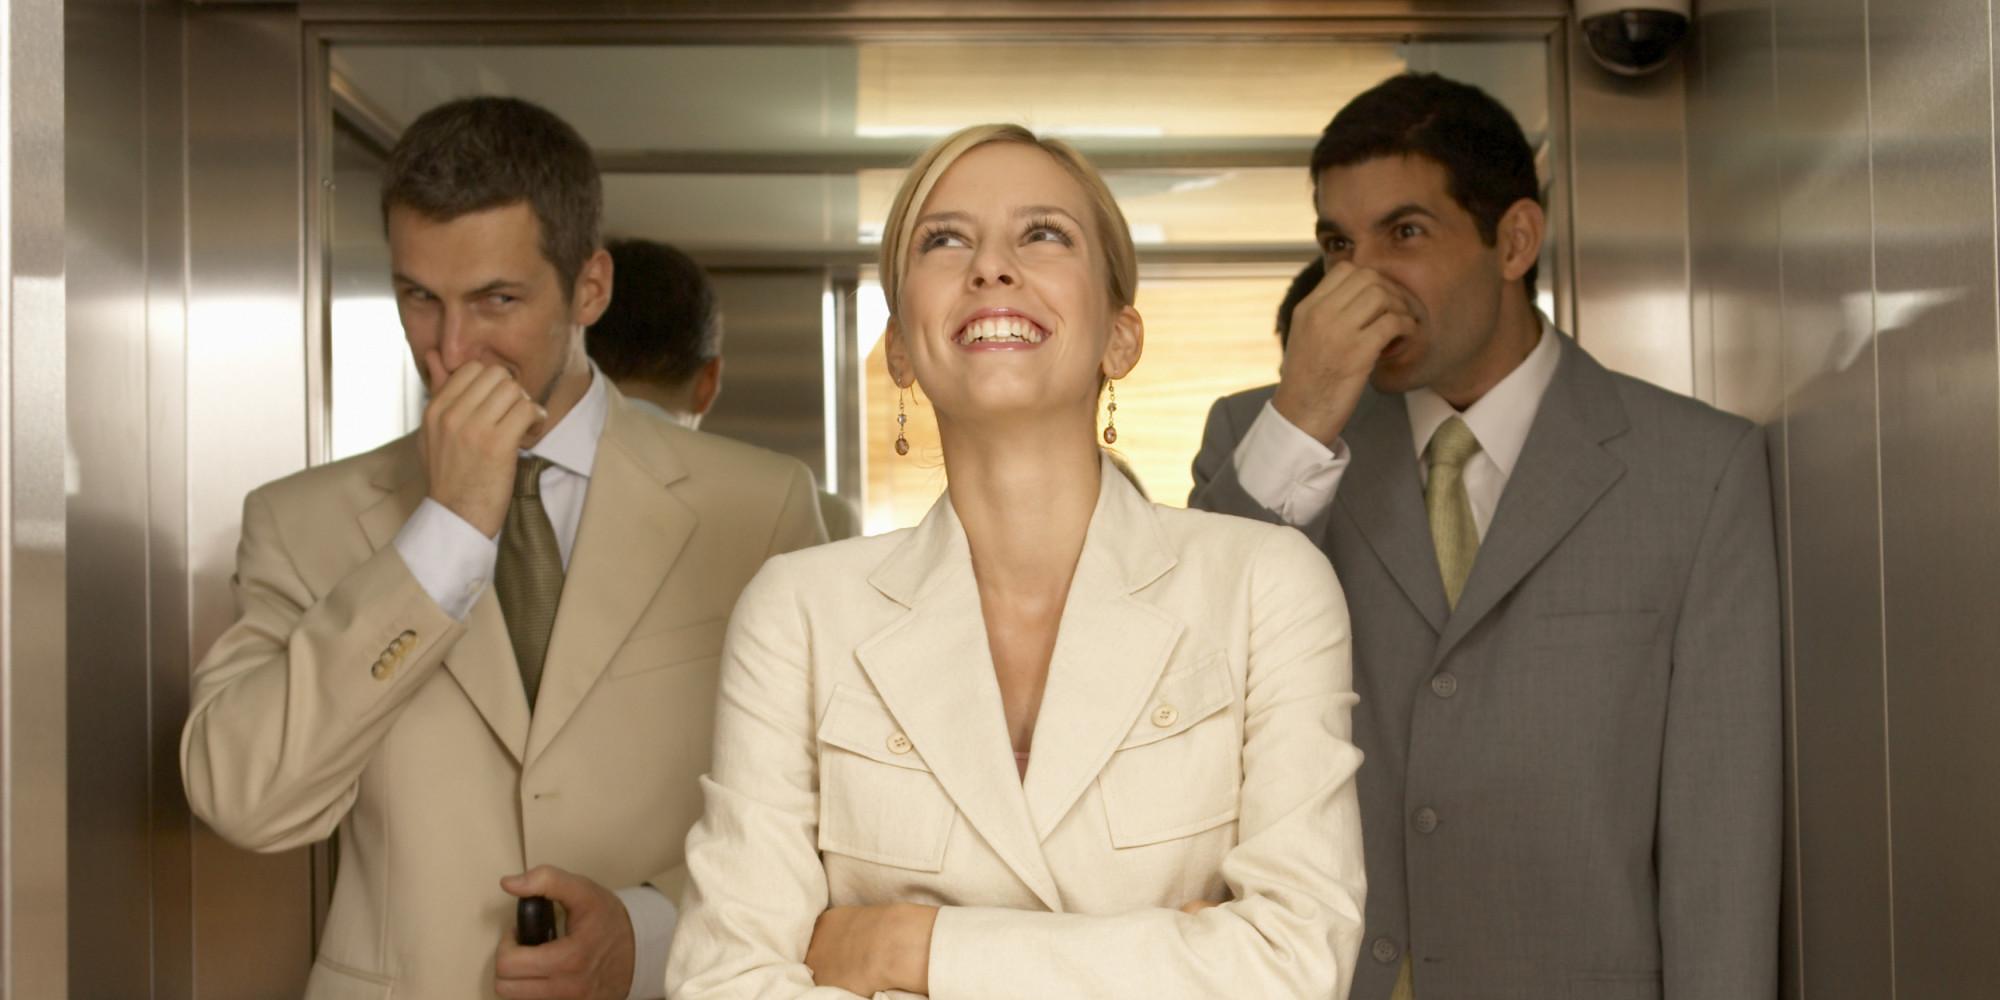 pue, stinks, collègue, étiquette, civilité, affaires, conférence, livre, Julie Blais Comeau